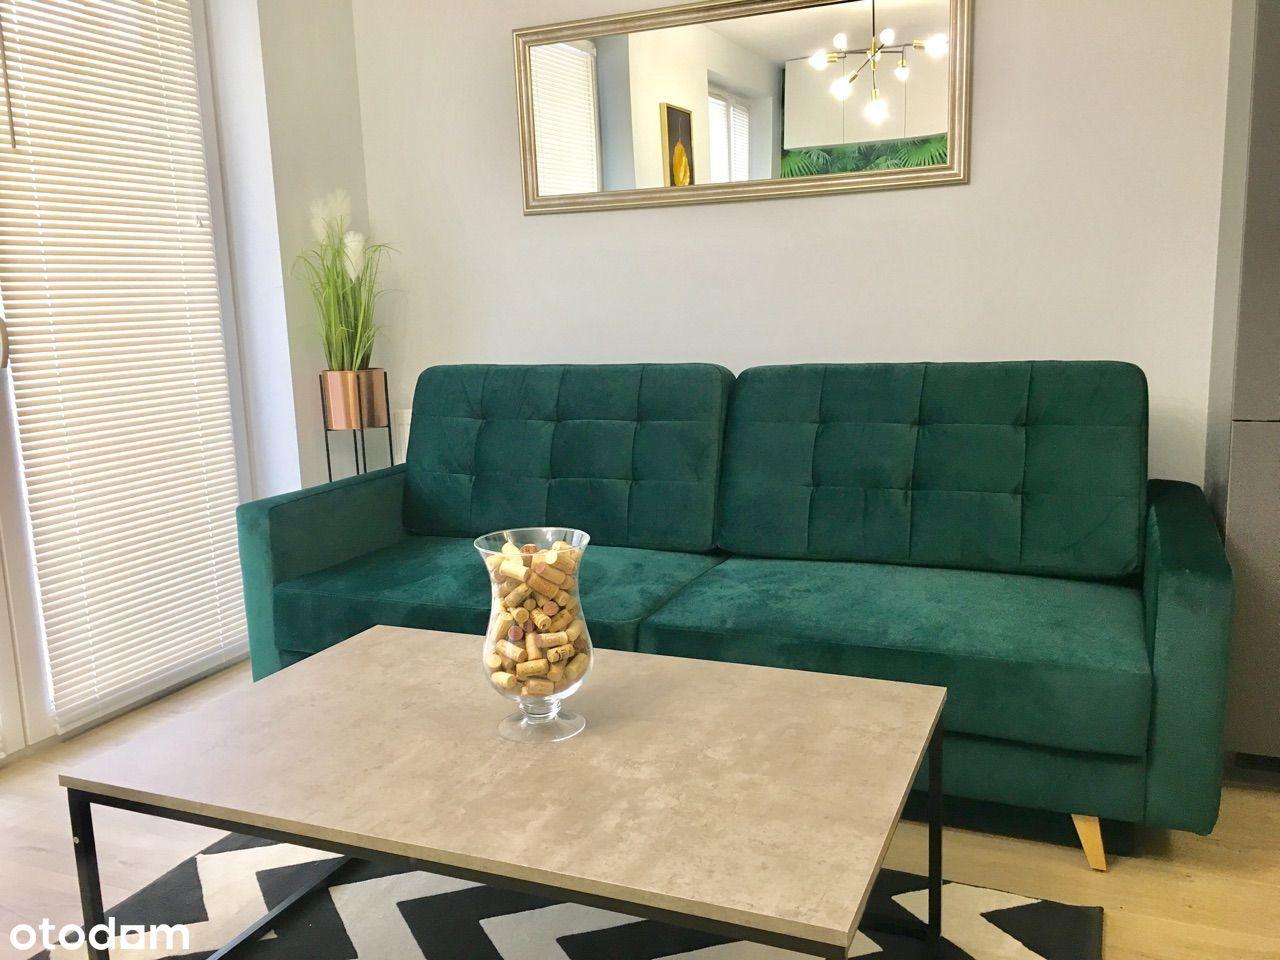 1 pokojowe mieszkanie, Jaroty, nowe budownictwo